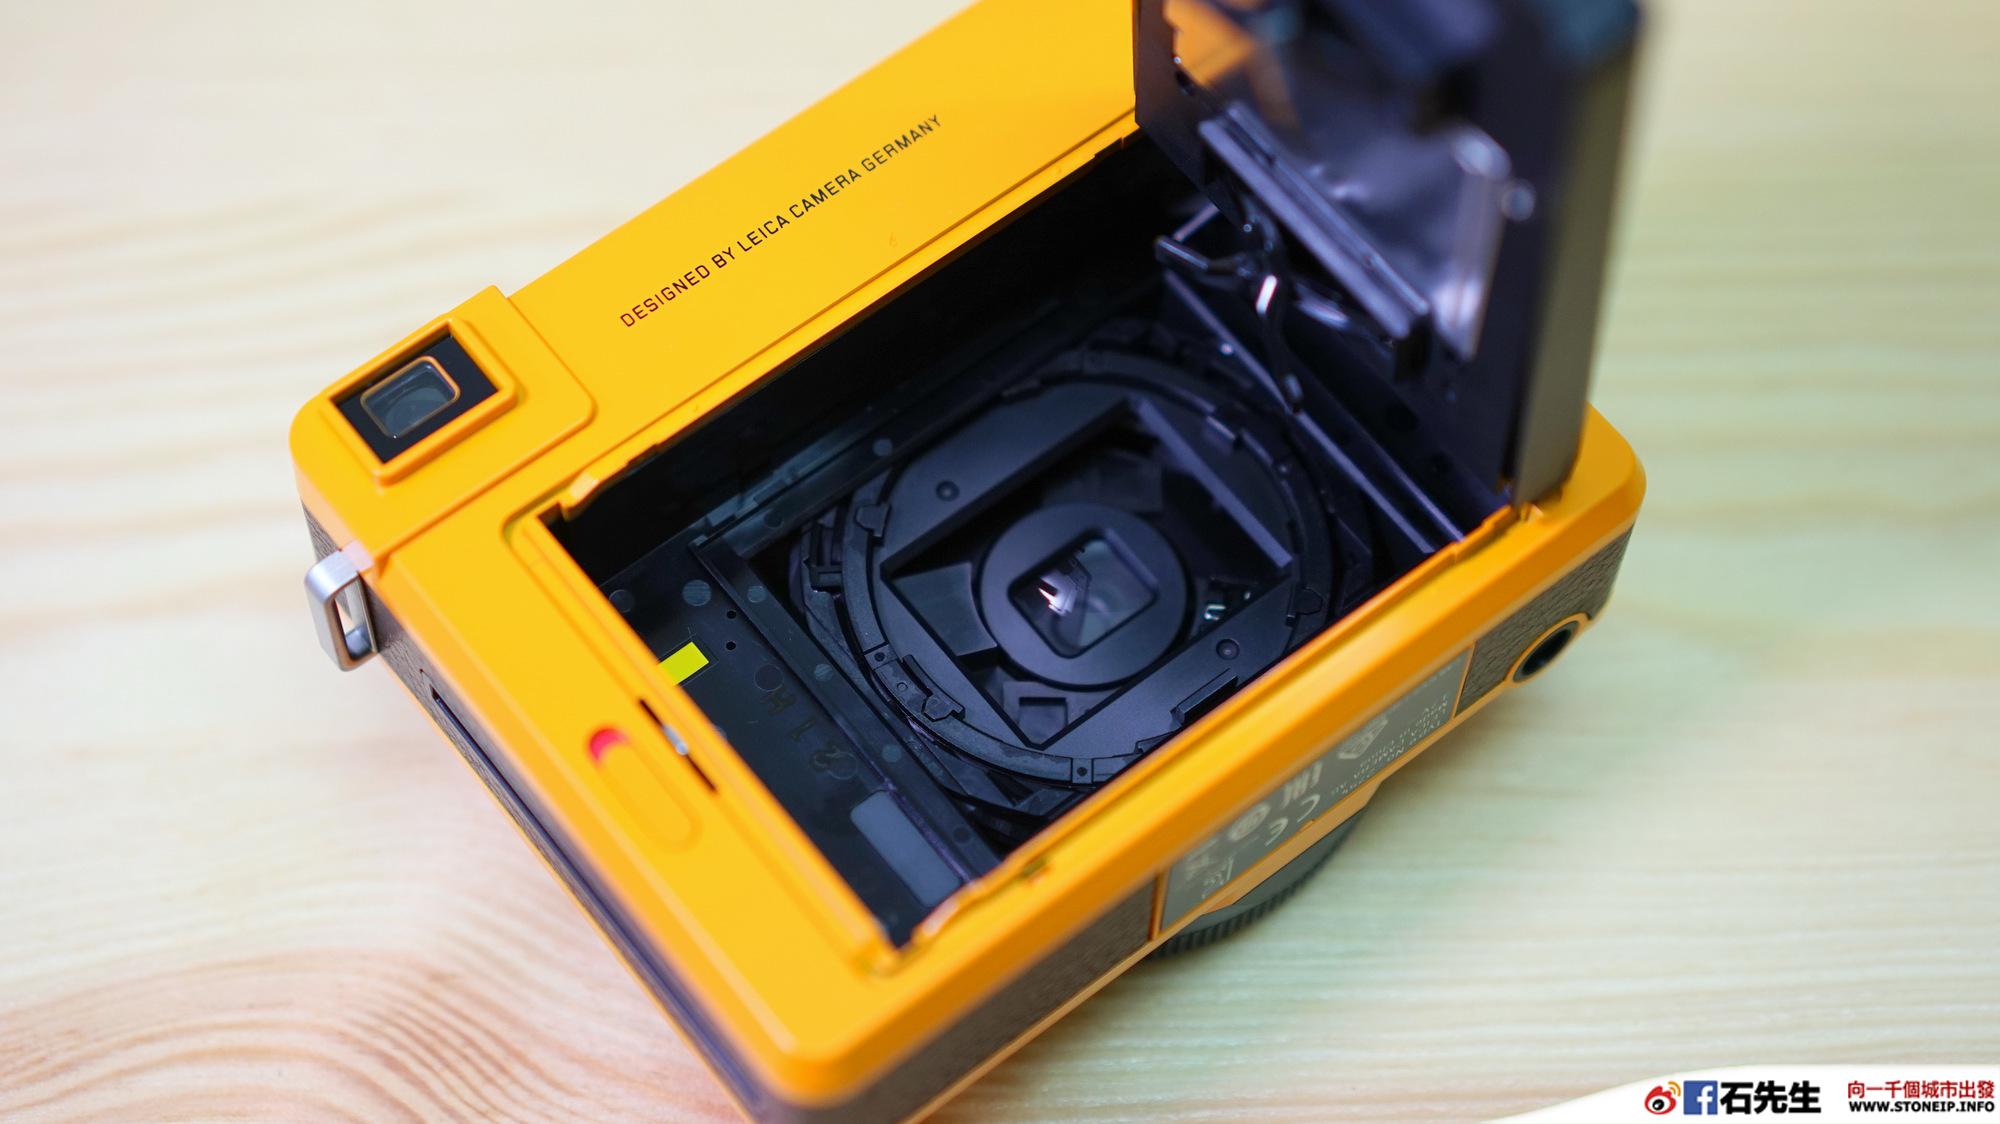 Leica_SOFORT_unbox16